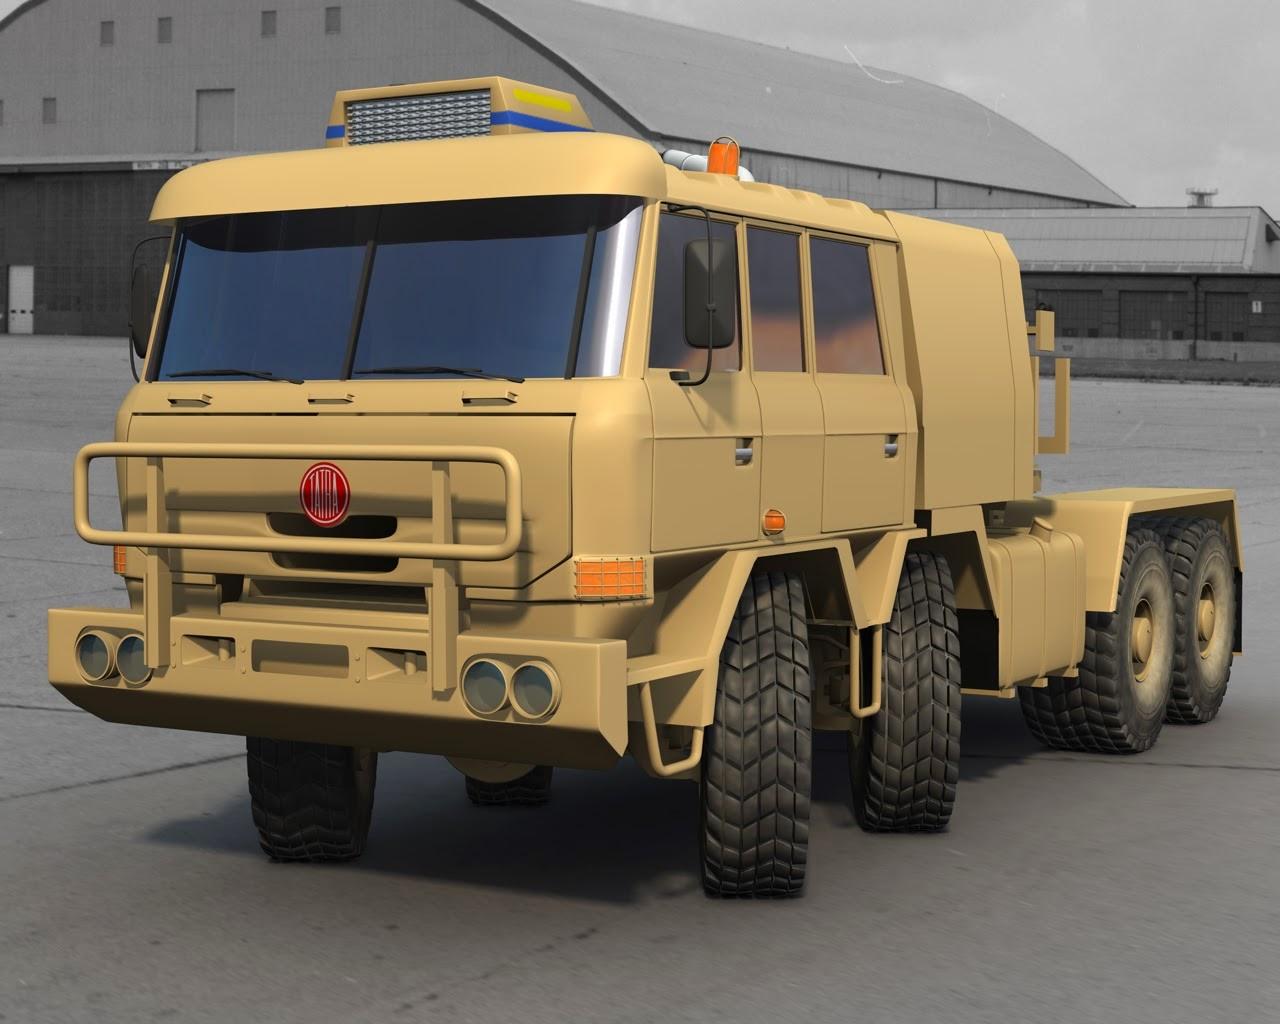 Tatra 816 photo - 3